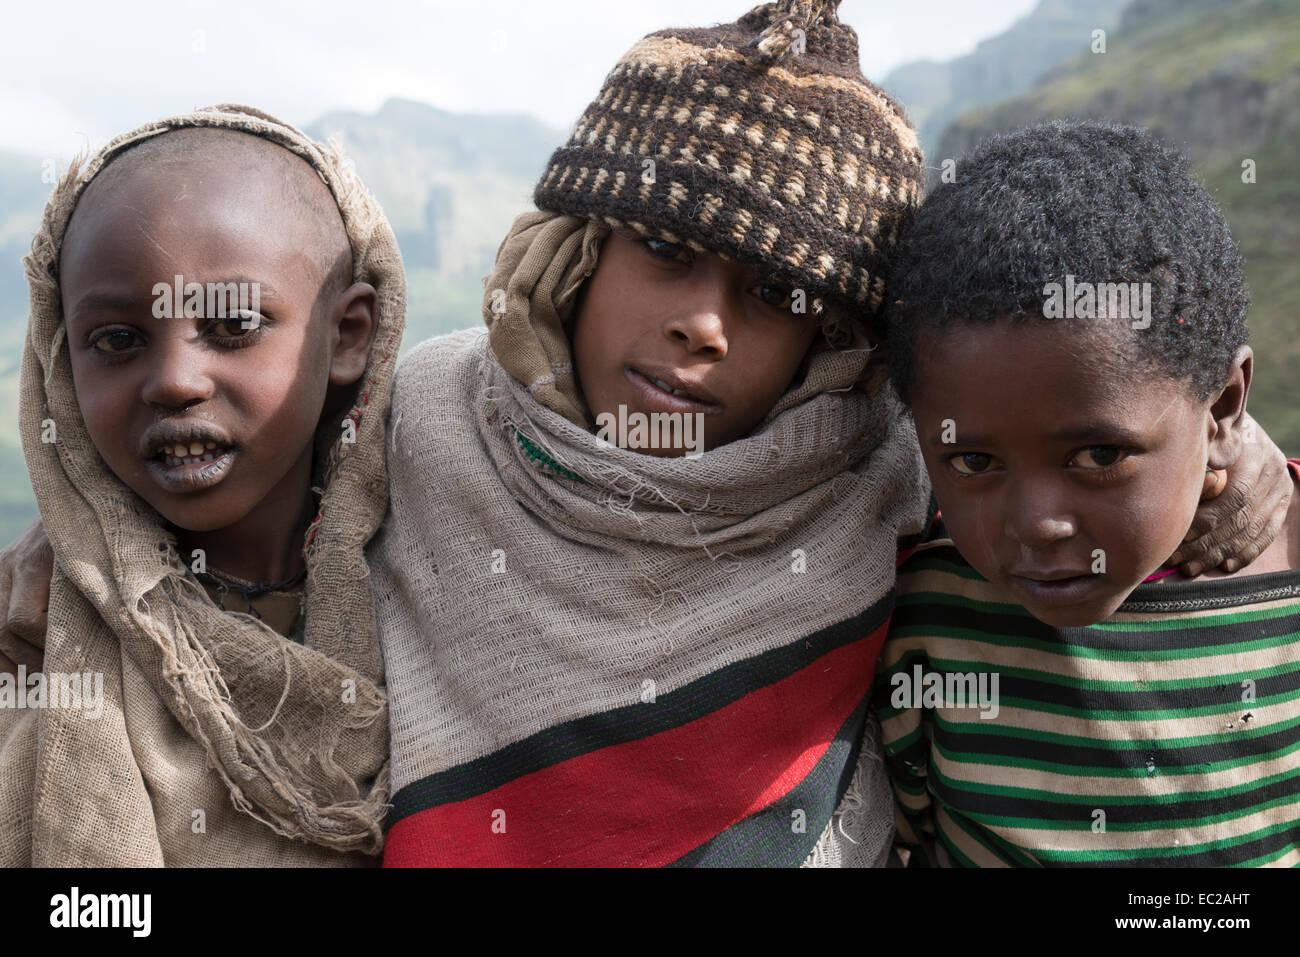 Portrait of young sheperds. Abuna Yosef. Lalibela area. Northern Ethiopia. - Stock Image